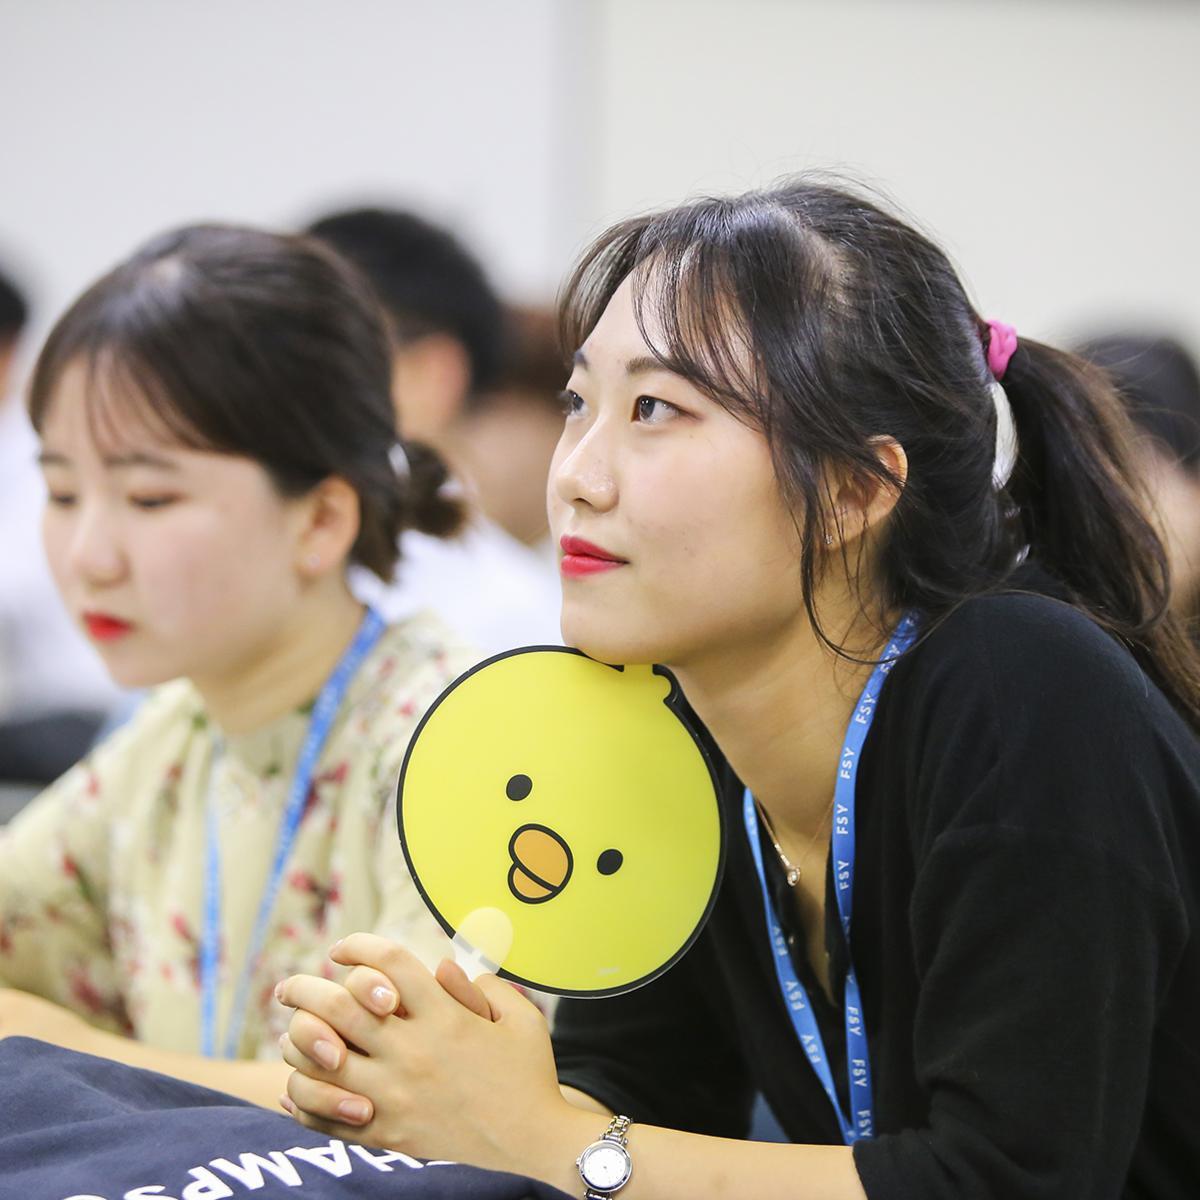 간증 모임 중인 참가자들